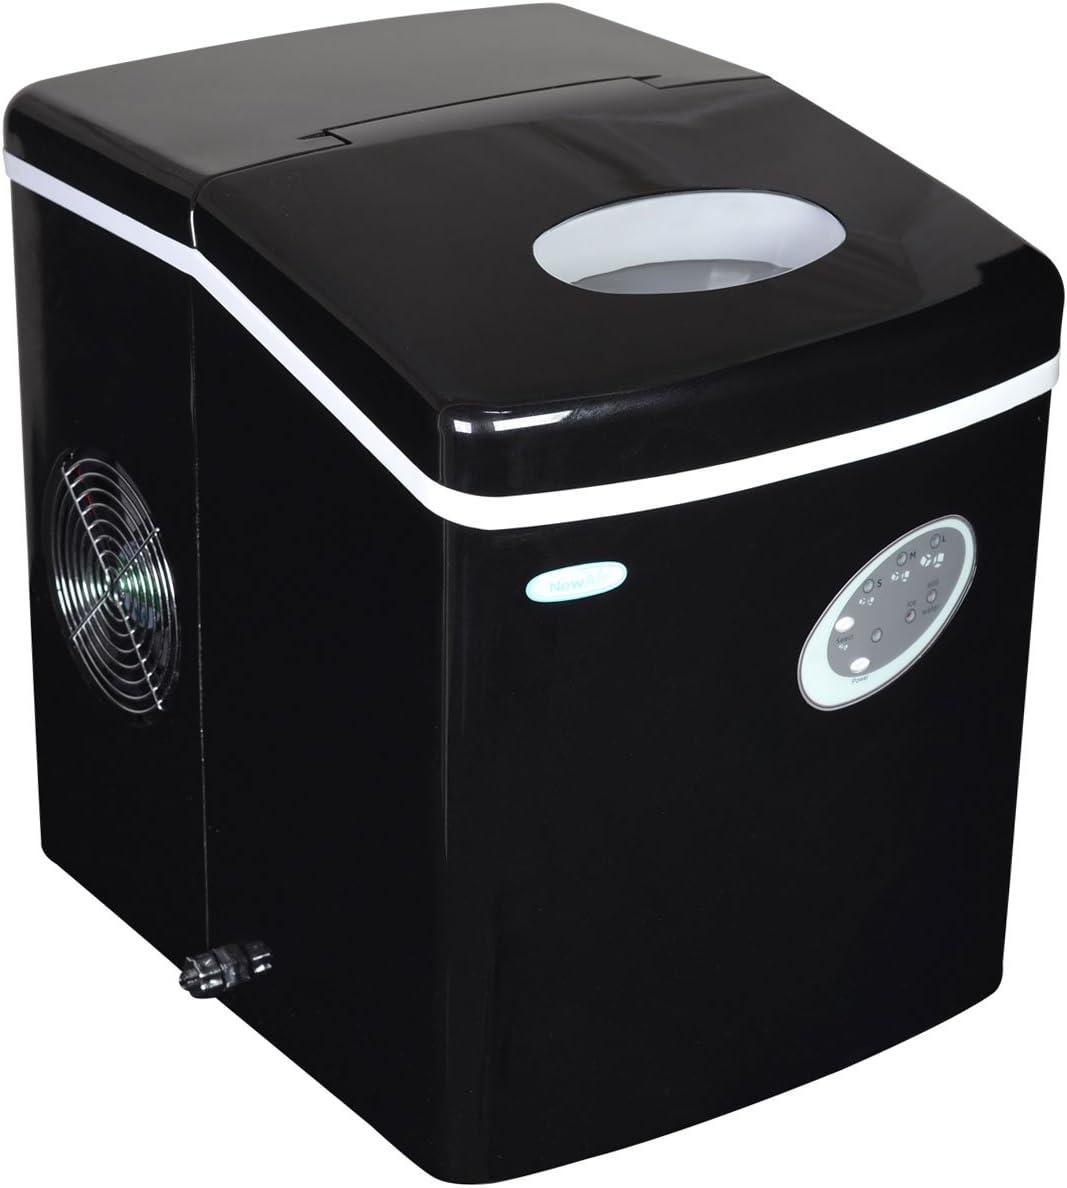 NewAir Portable Countertop Ice Maker